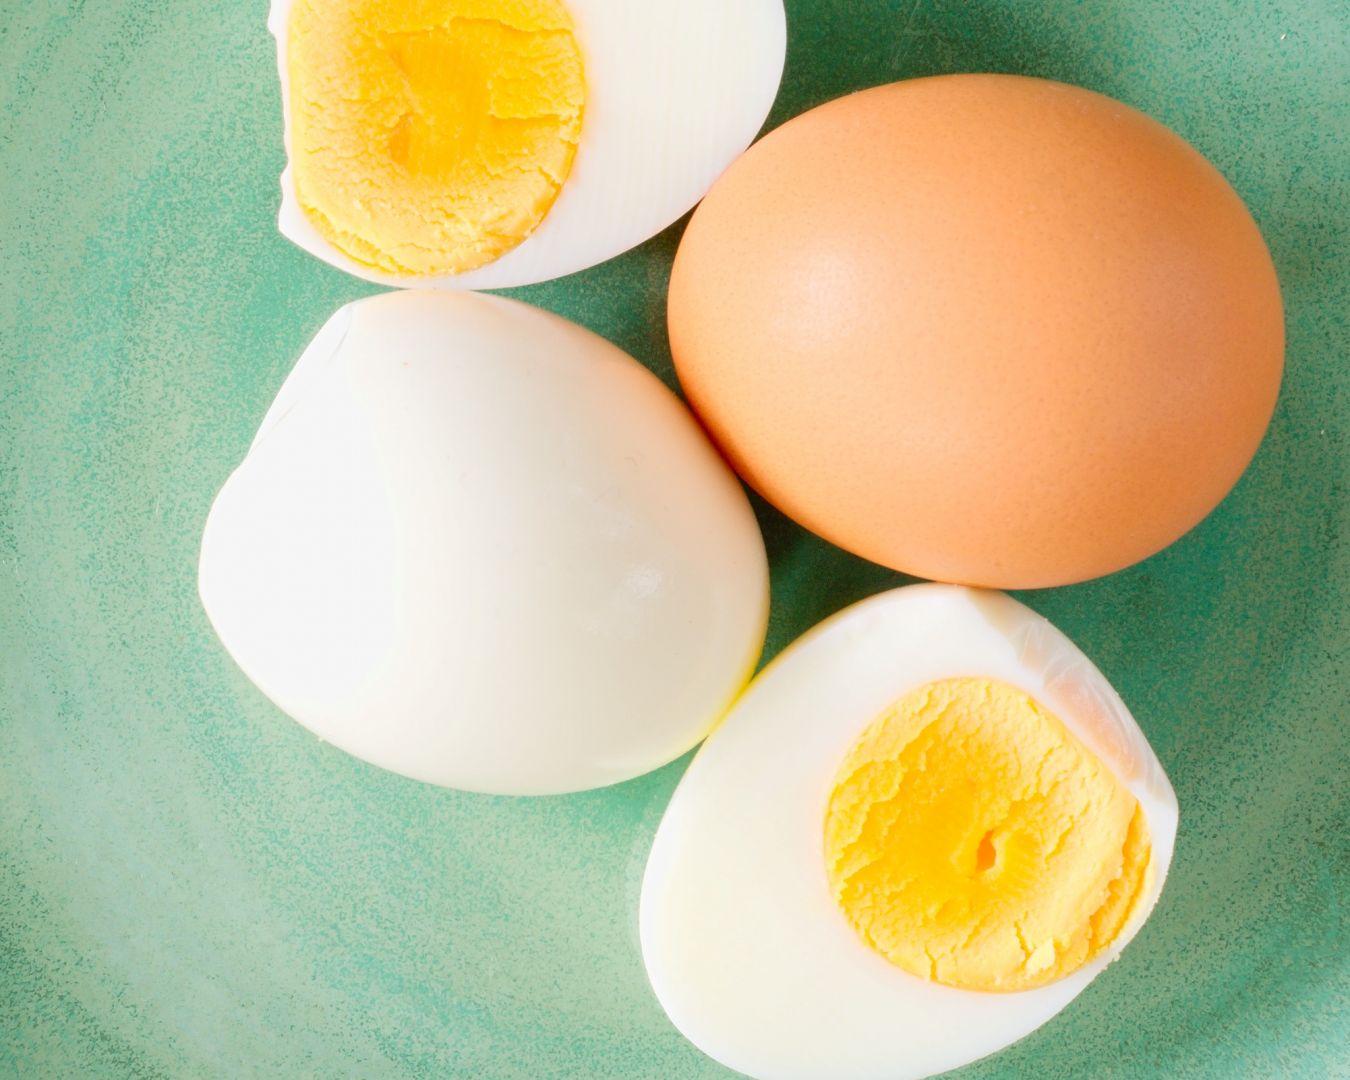 Servimos los huevos cocidos sobre la cazuela